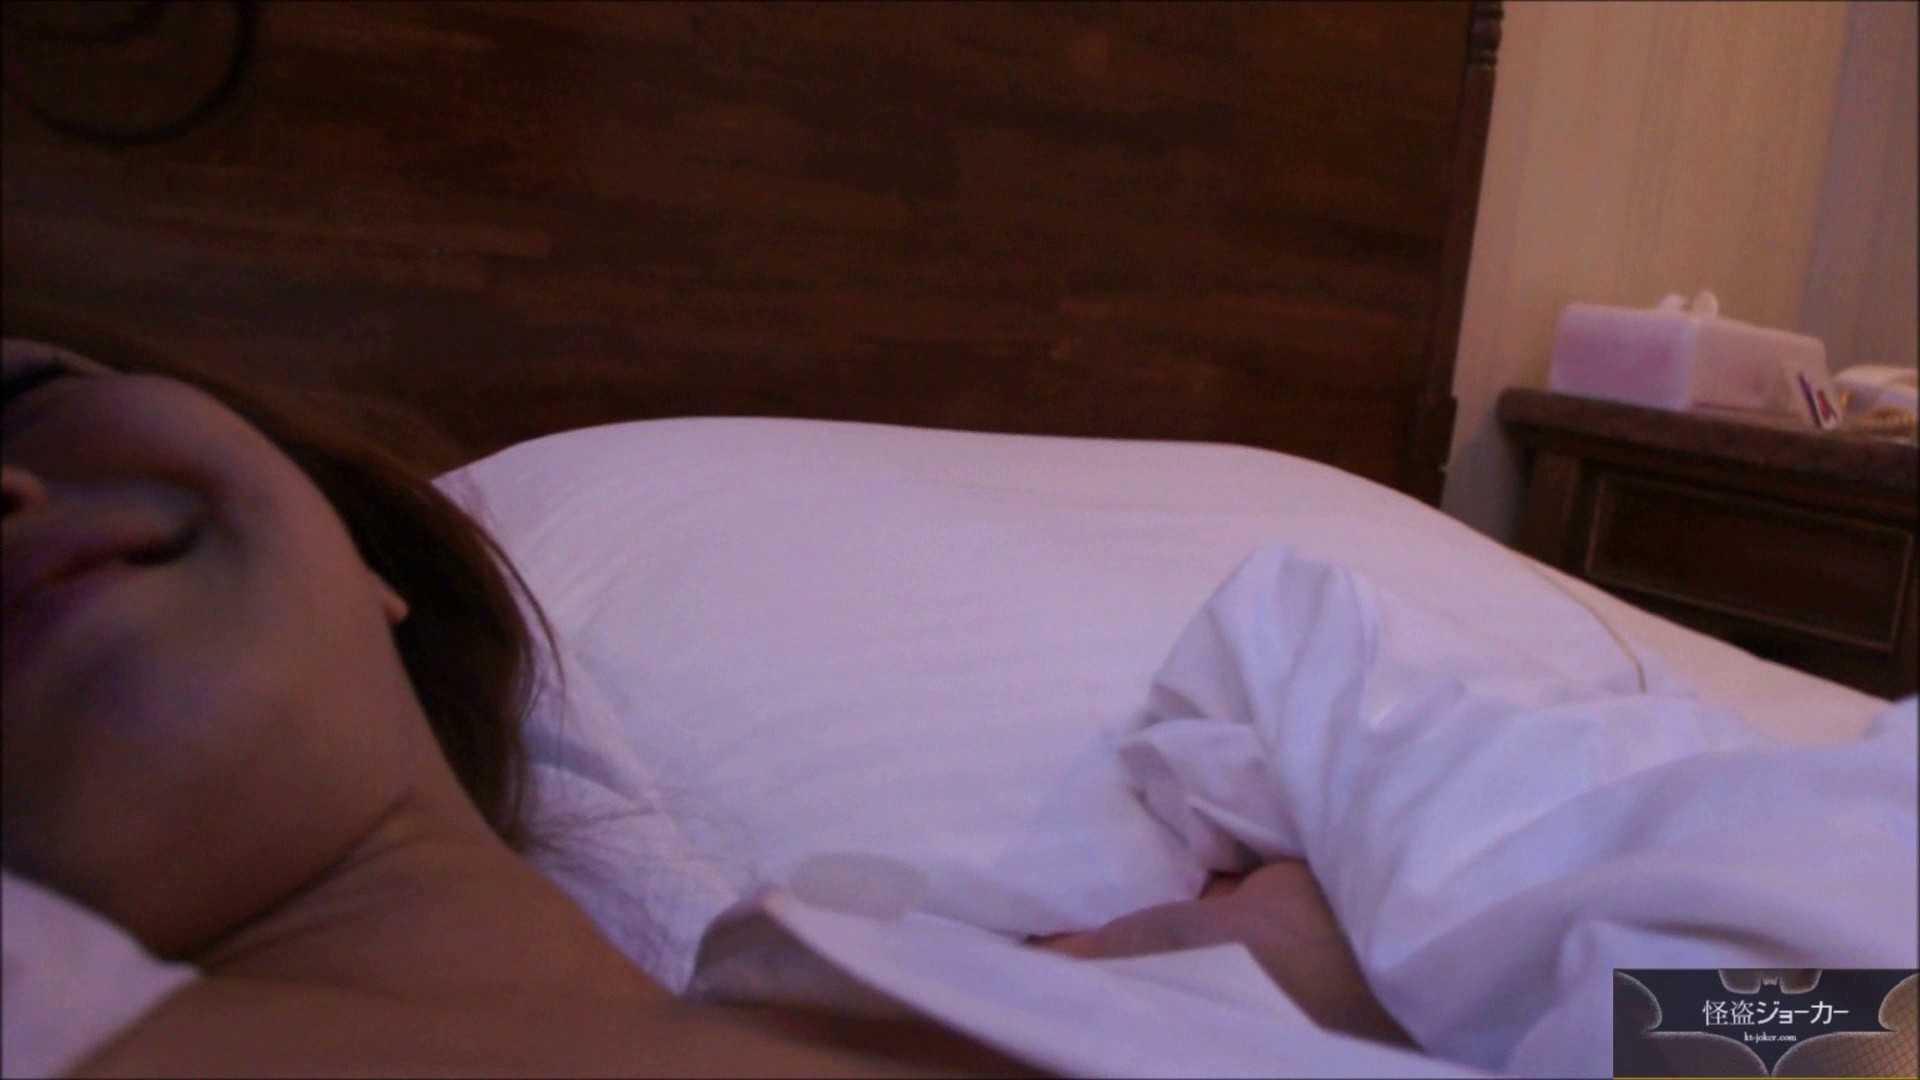 【未公開】vol.9 セレブ美魔女・ユキさんとの1年ぶりに会った日。 高画質  97PIX 29